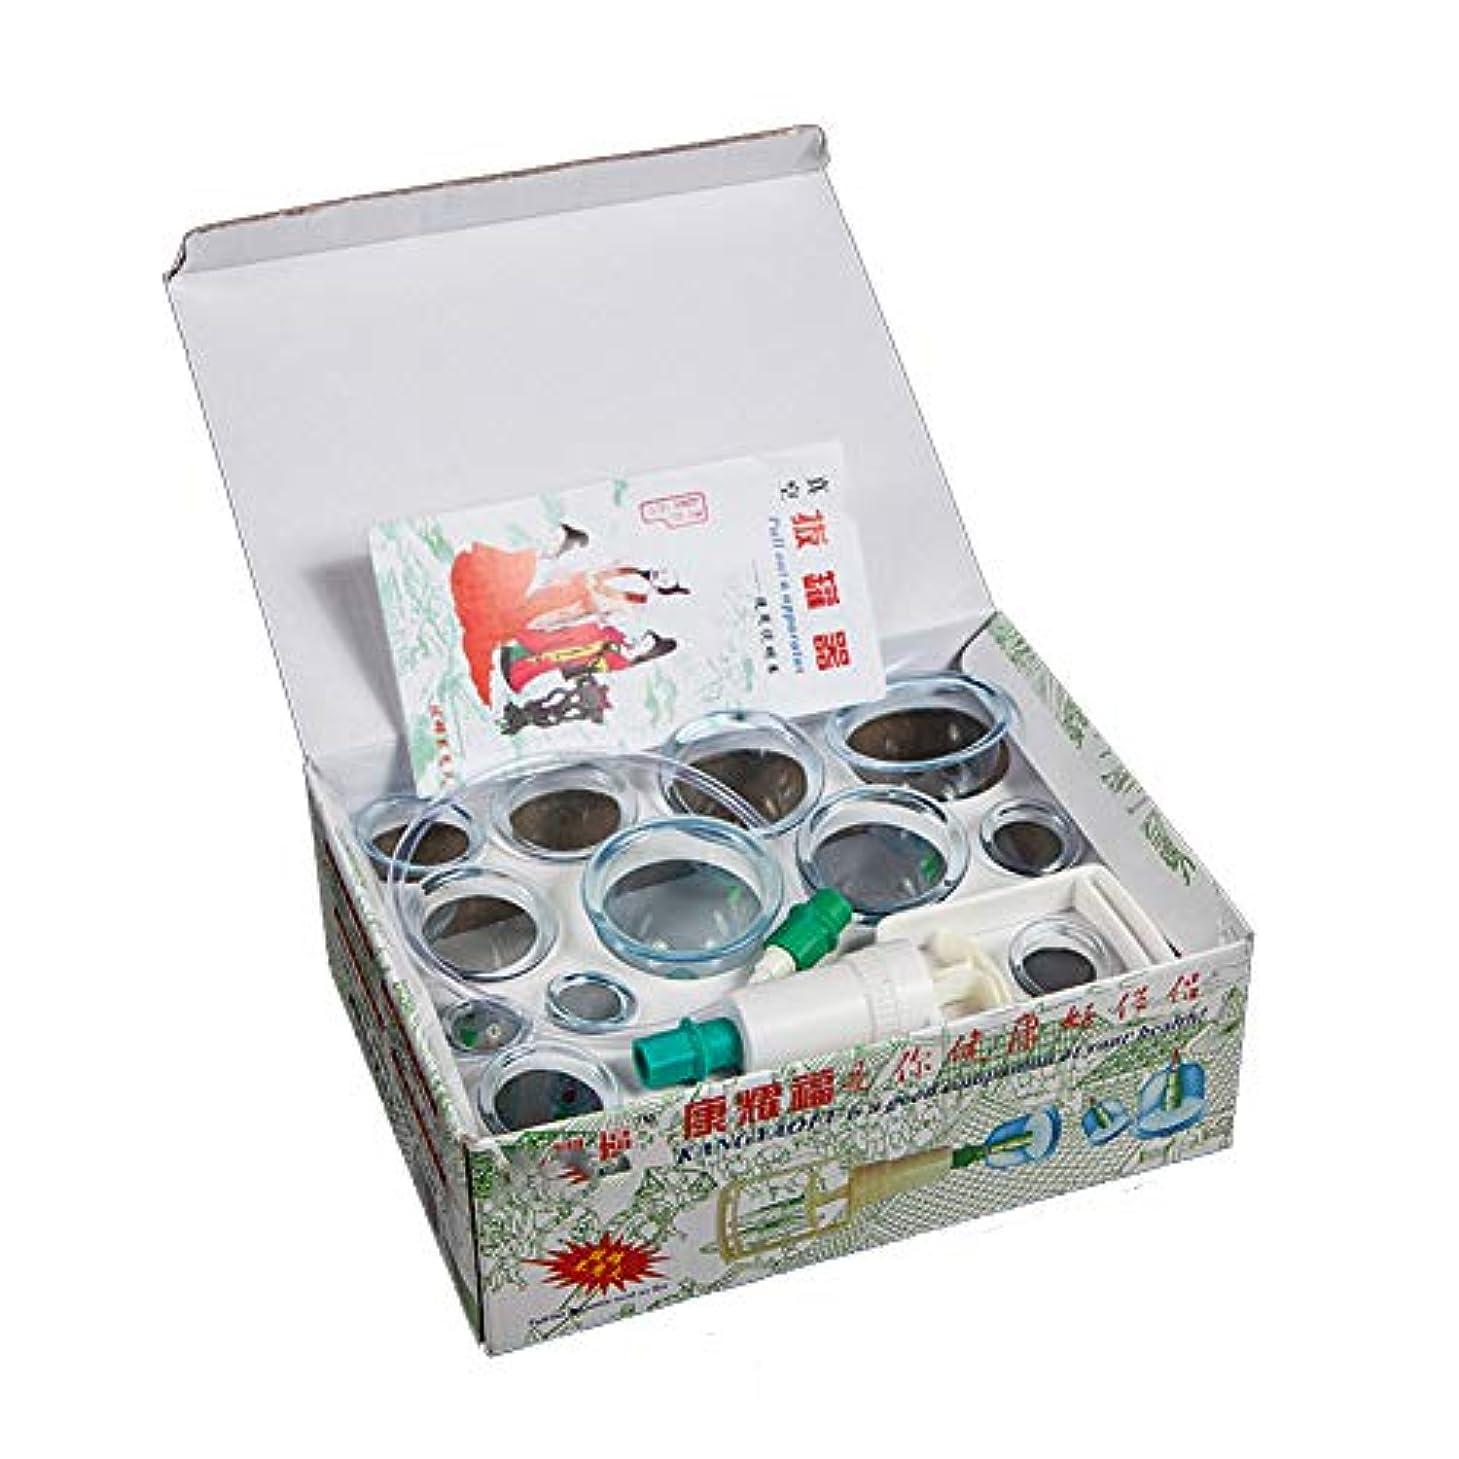 九月最も傷つける12カップカッピングセットプラスチック、真空吸引生体磁気中国ツボ療法、ポンプ付きの家、ボディマッサージ痛み緩和理学療法排泄毒素